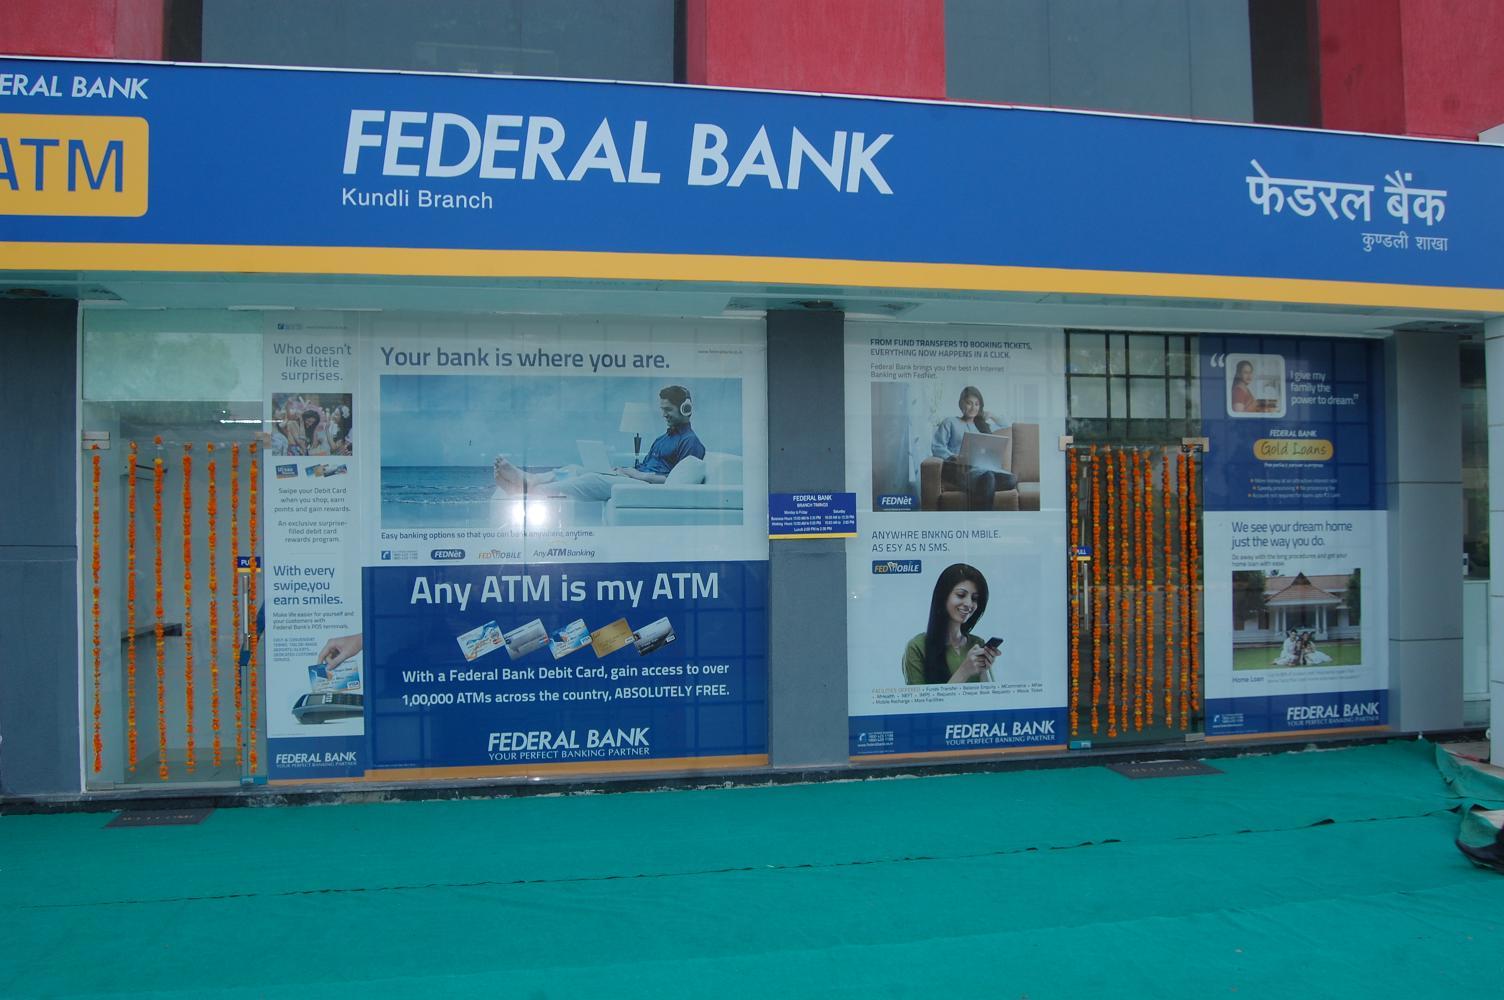 फेडरल बैंक भर्ती : Federal Bank Recruitment | PO और क्लर्क पदों पर भर्ती |